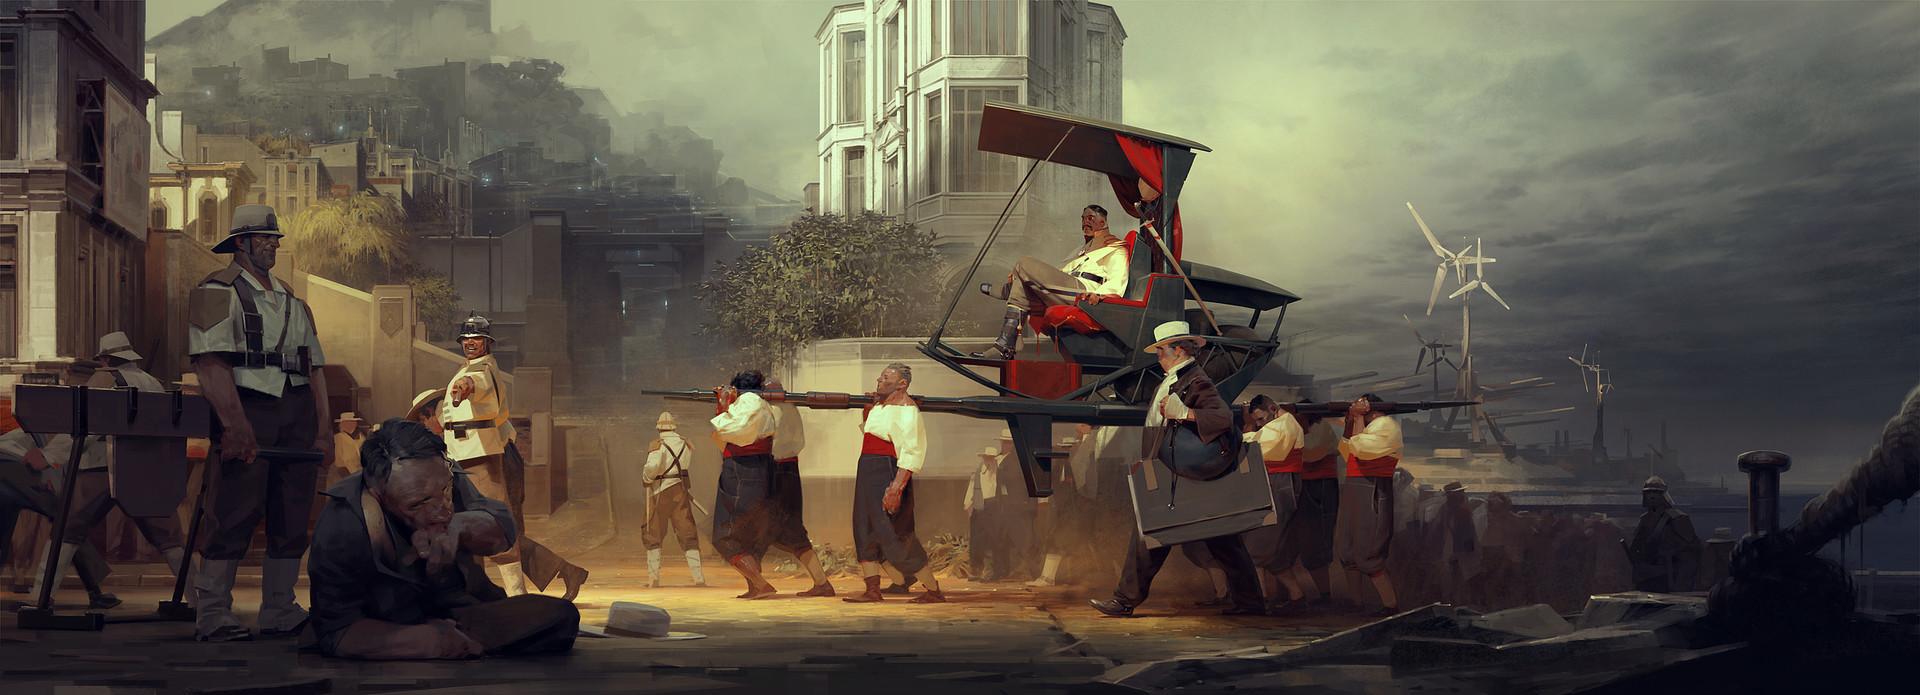 Sergey kolesov duke fin